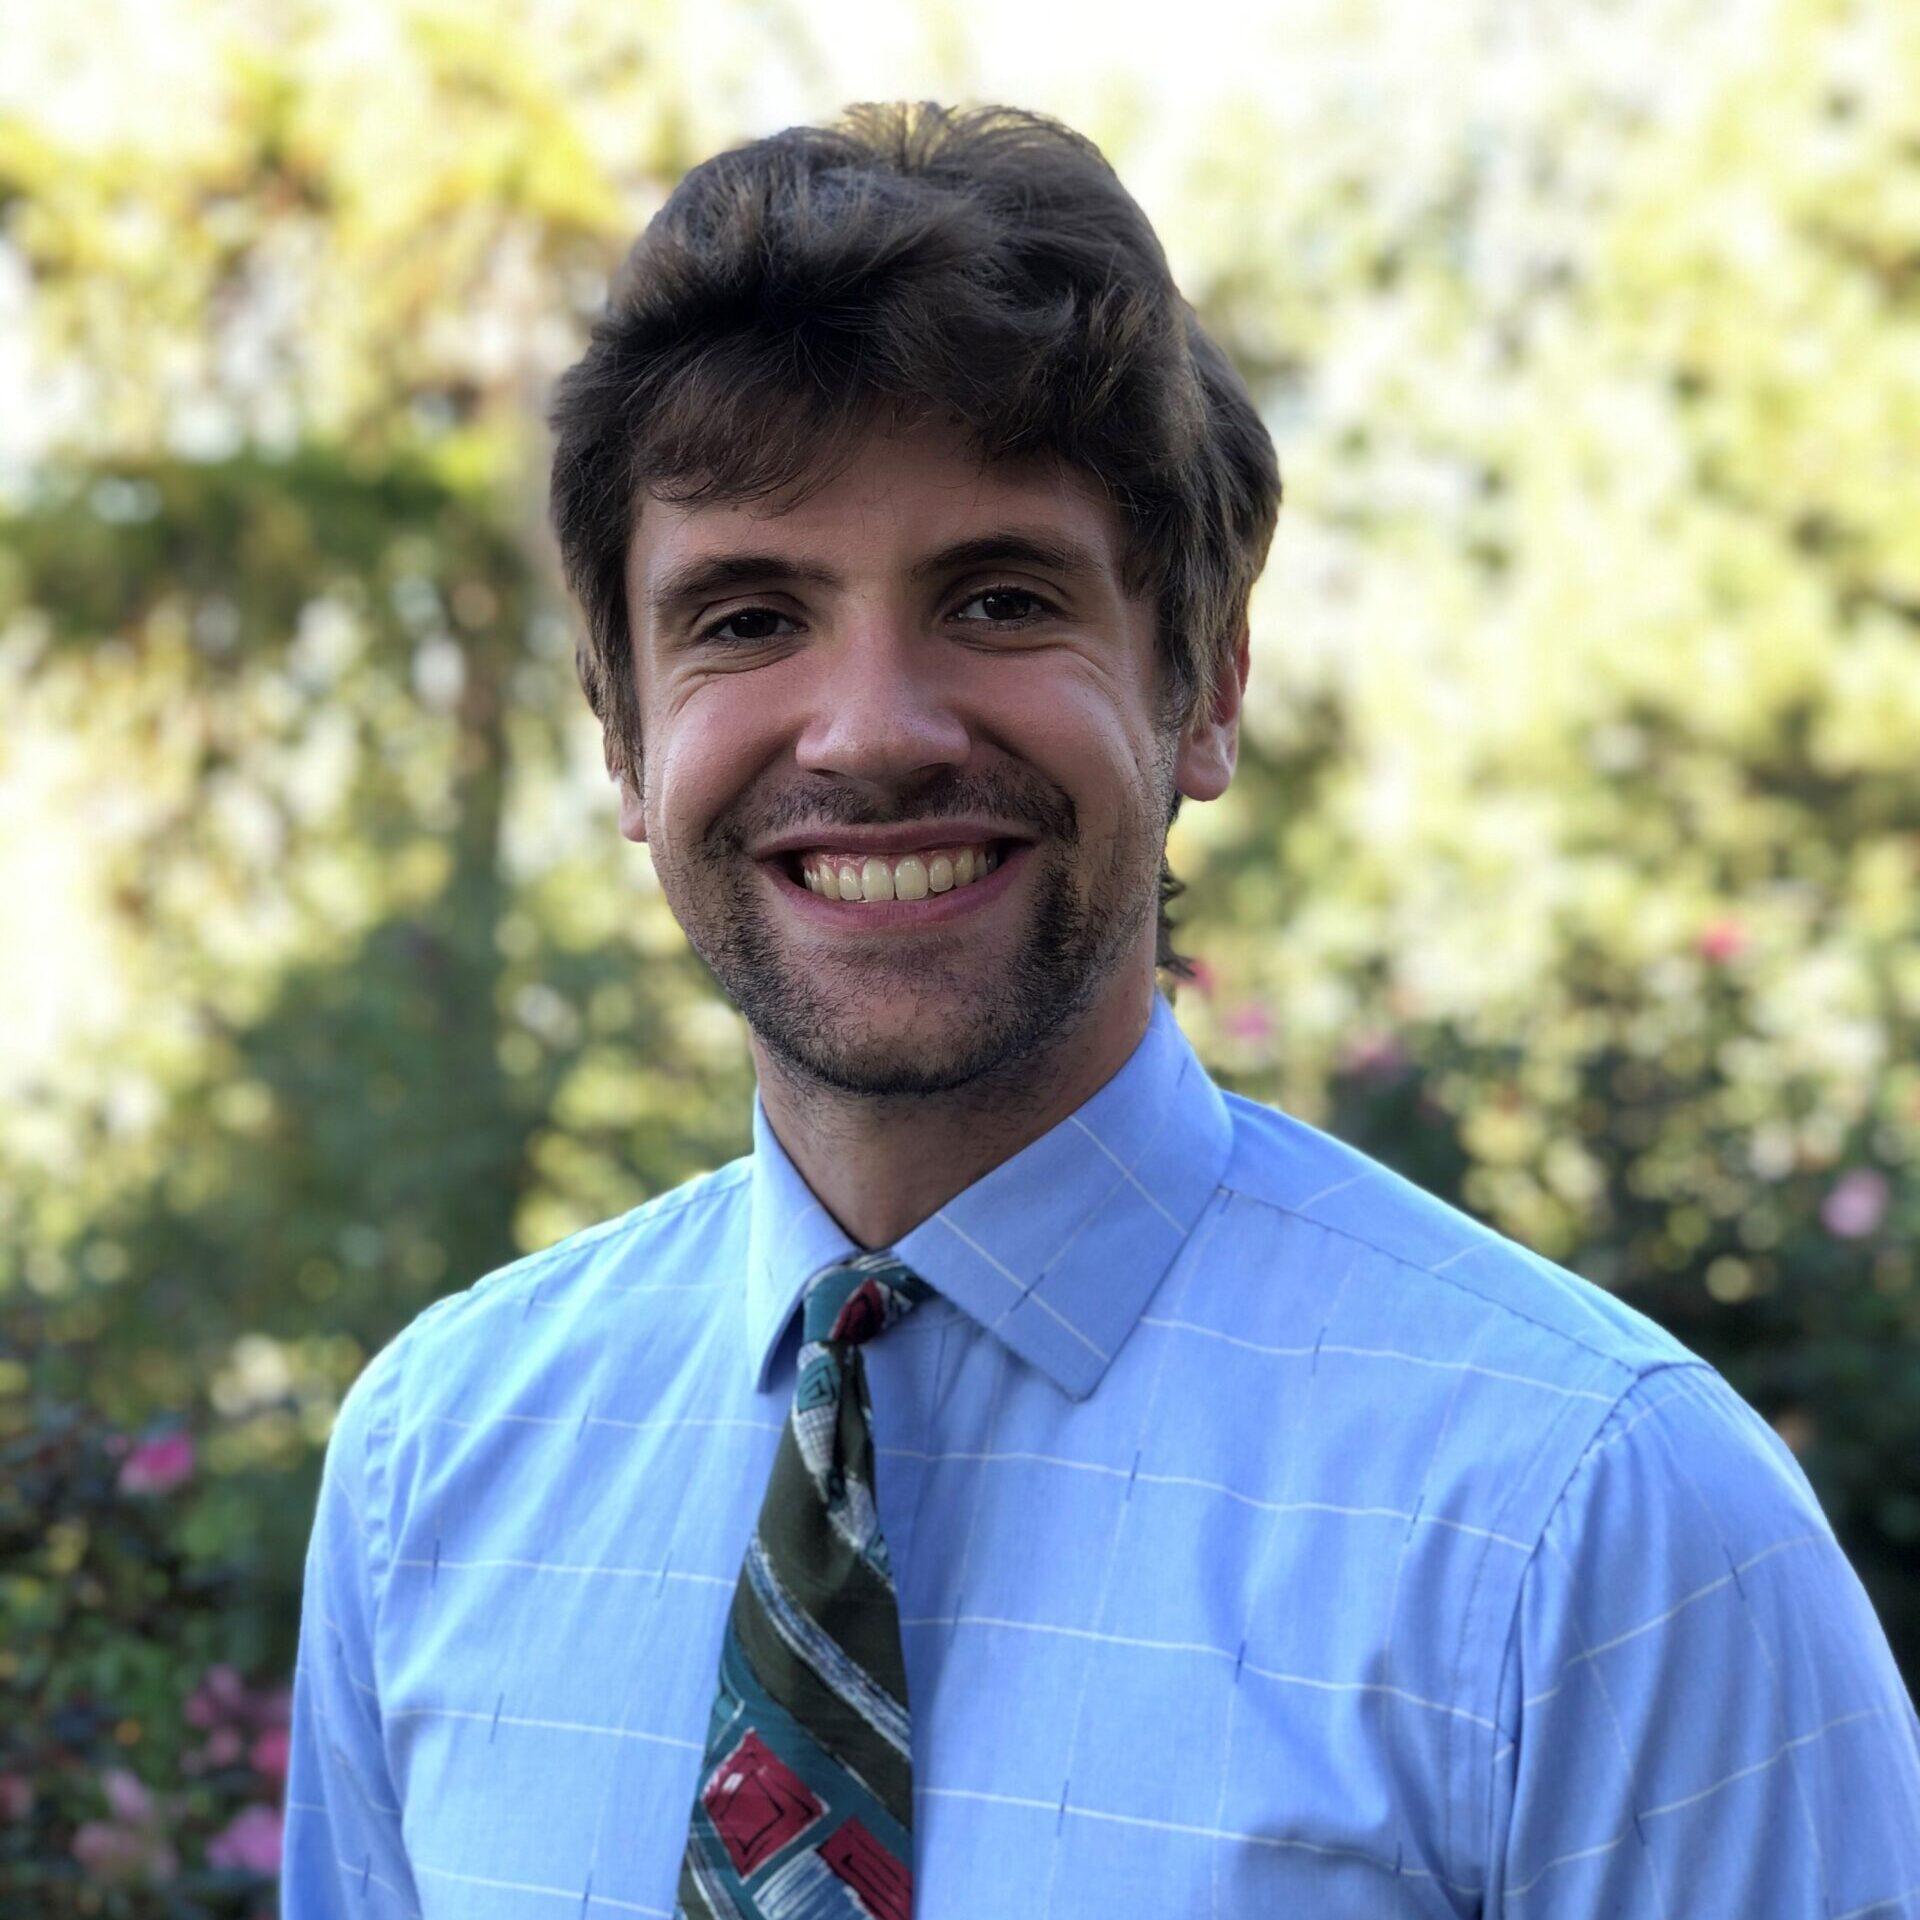 DBHR Prevention Fellow Isaac Derline